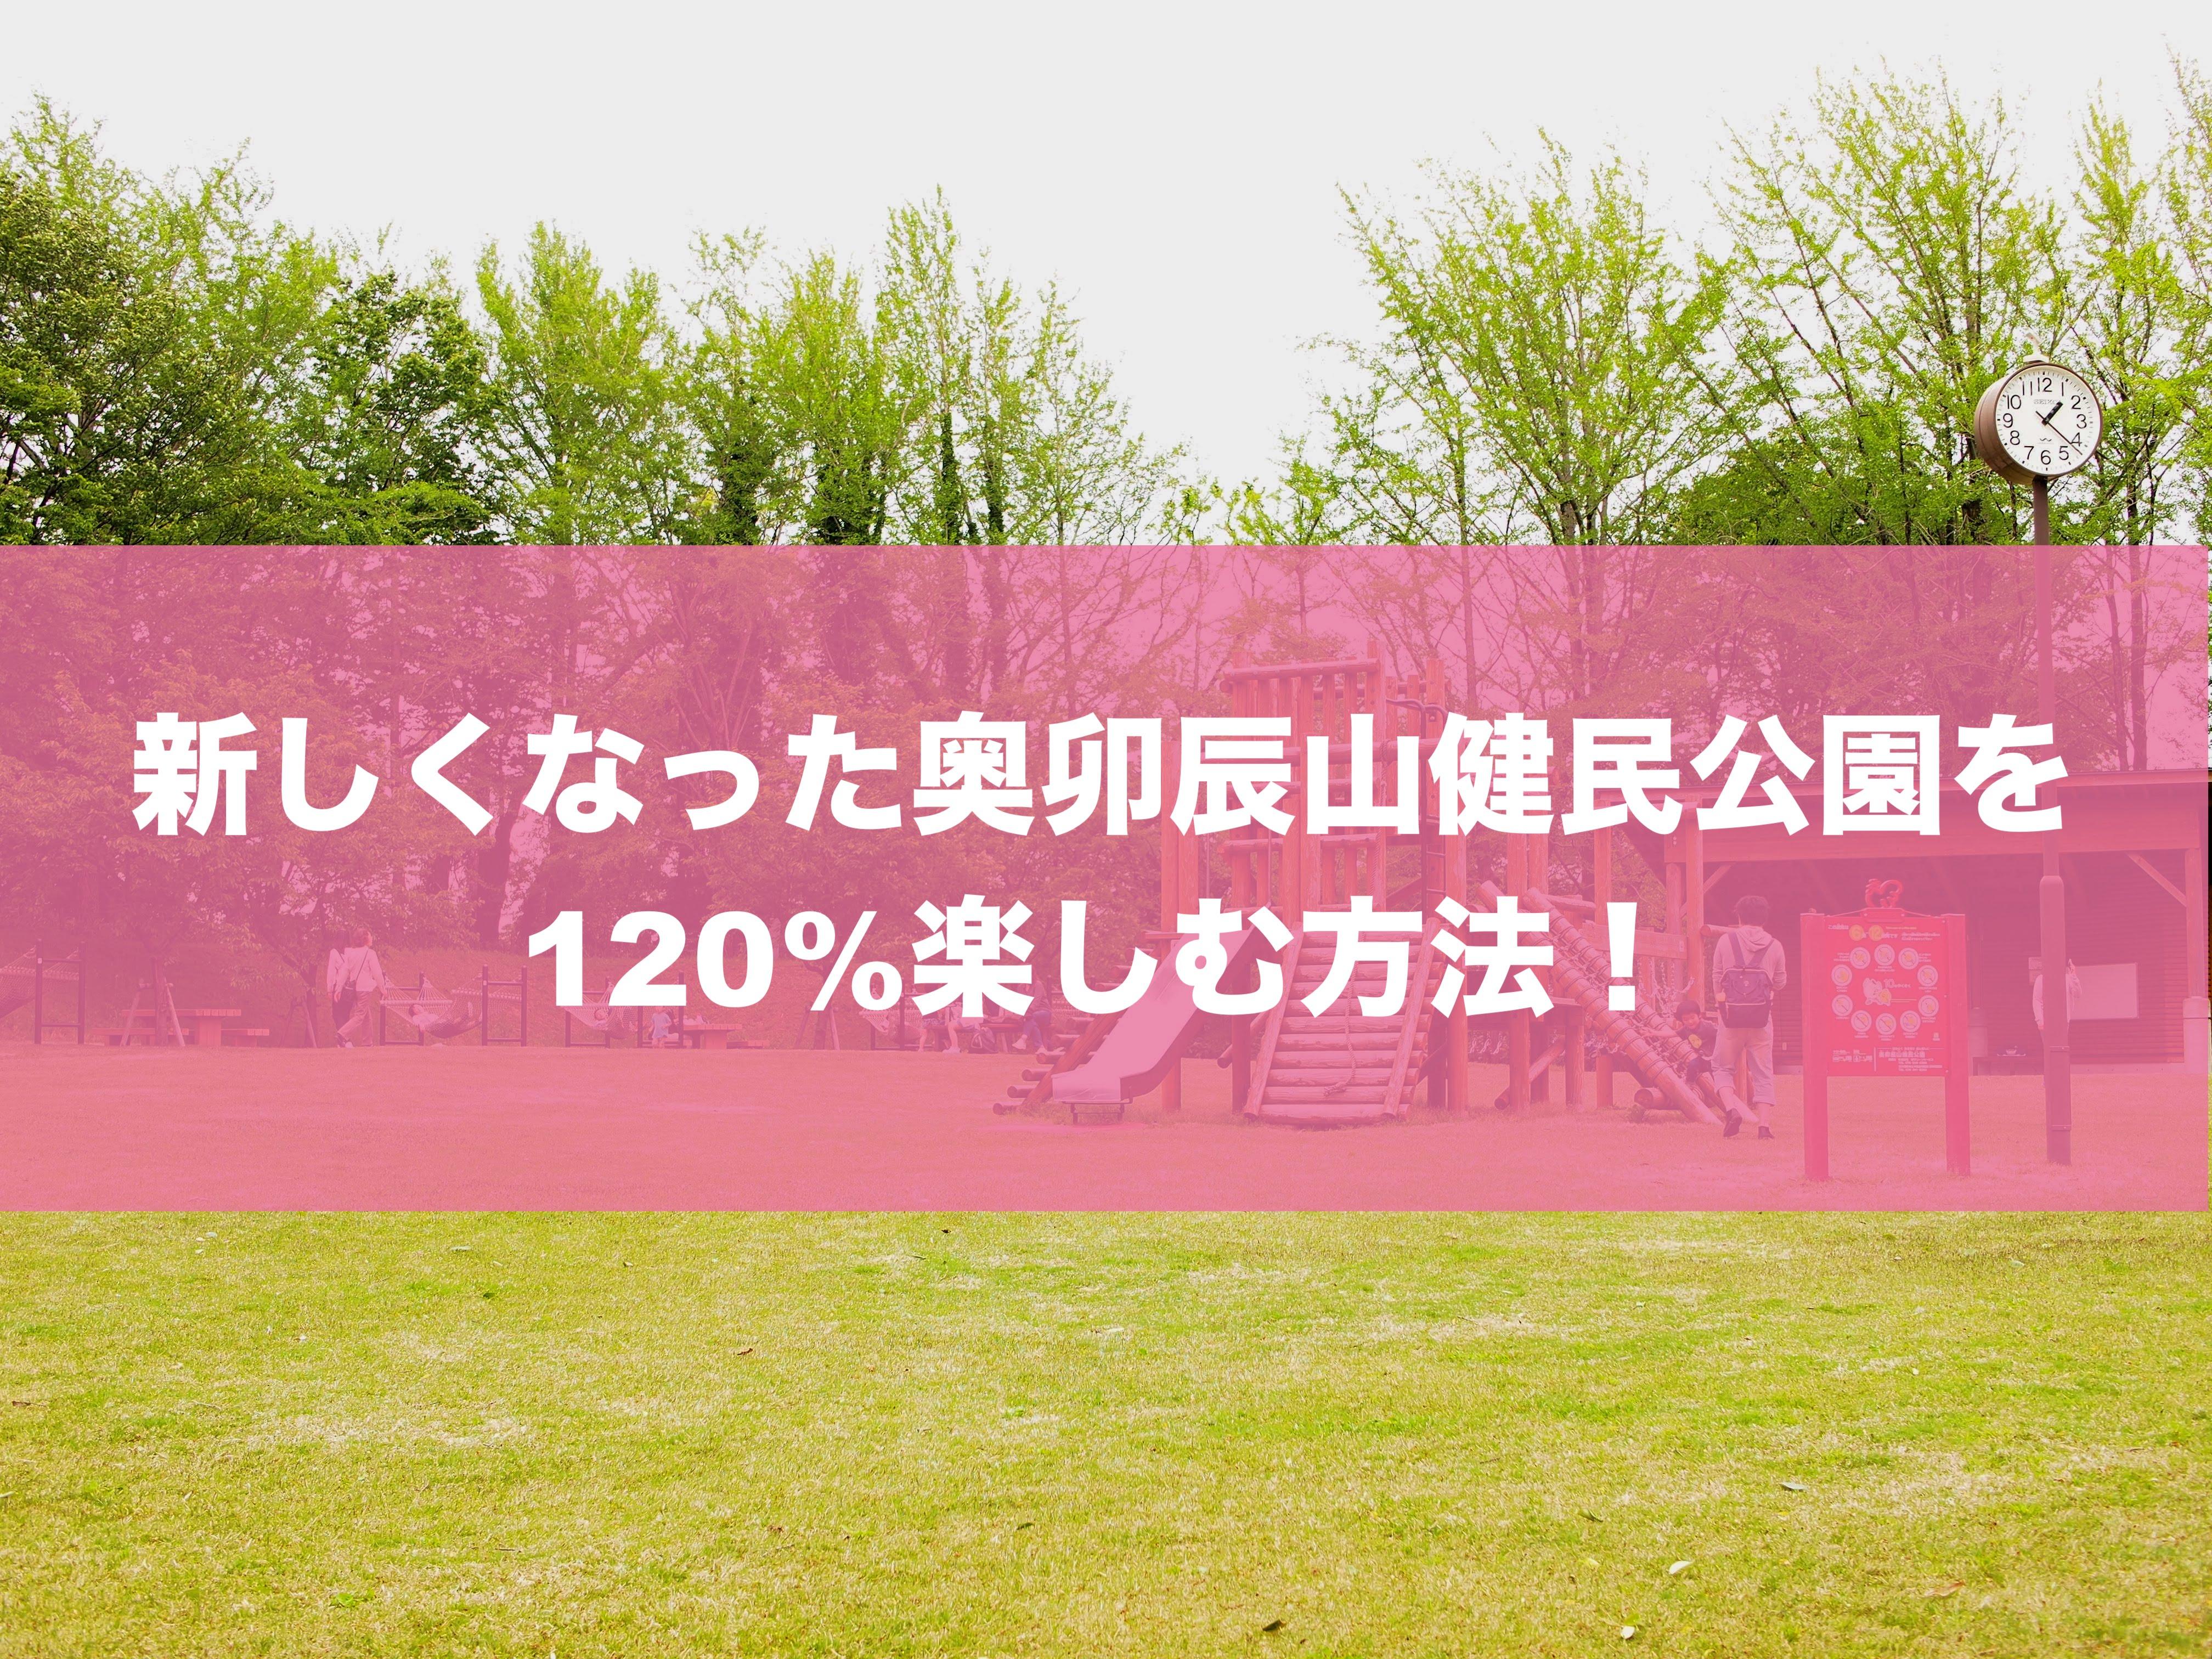 リニューアルした奥卯辰山健民公園